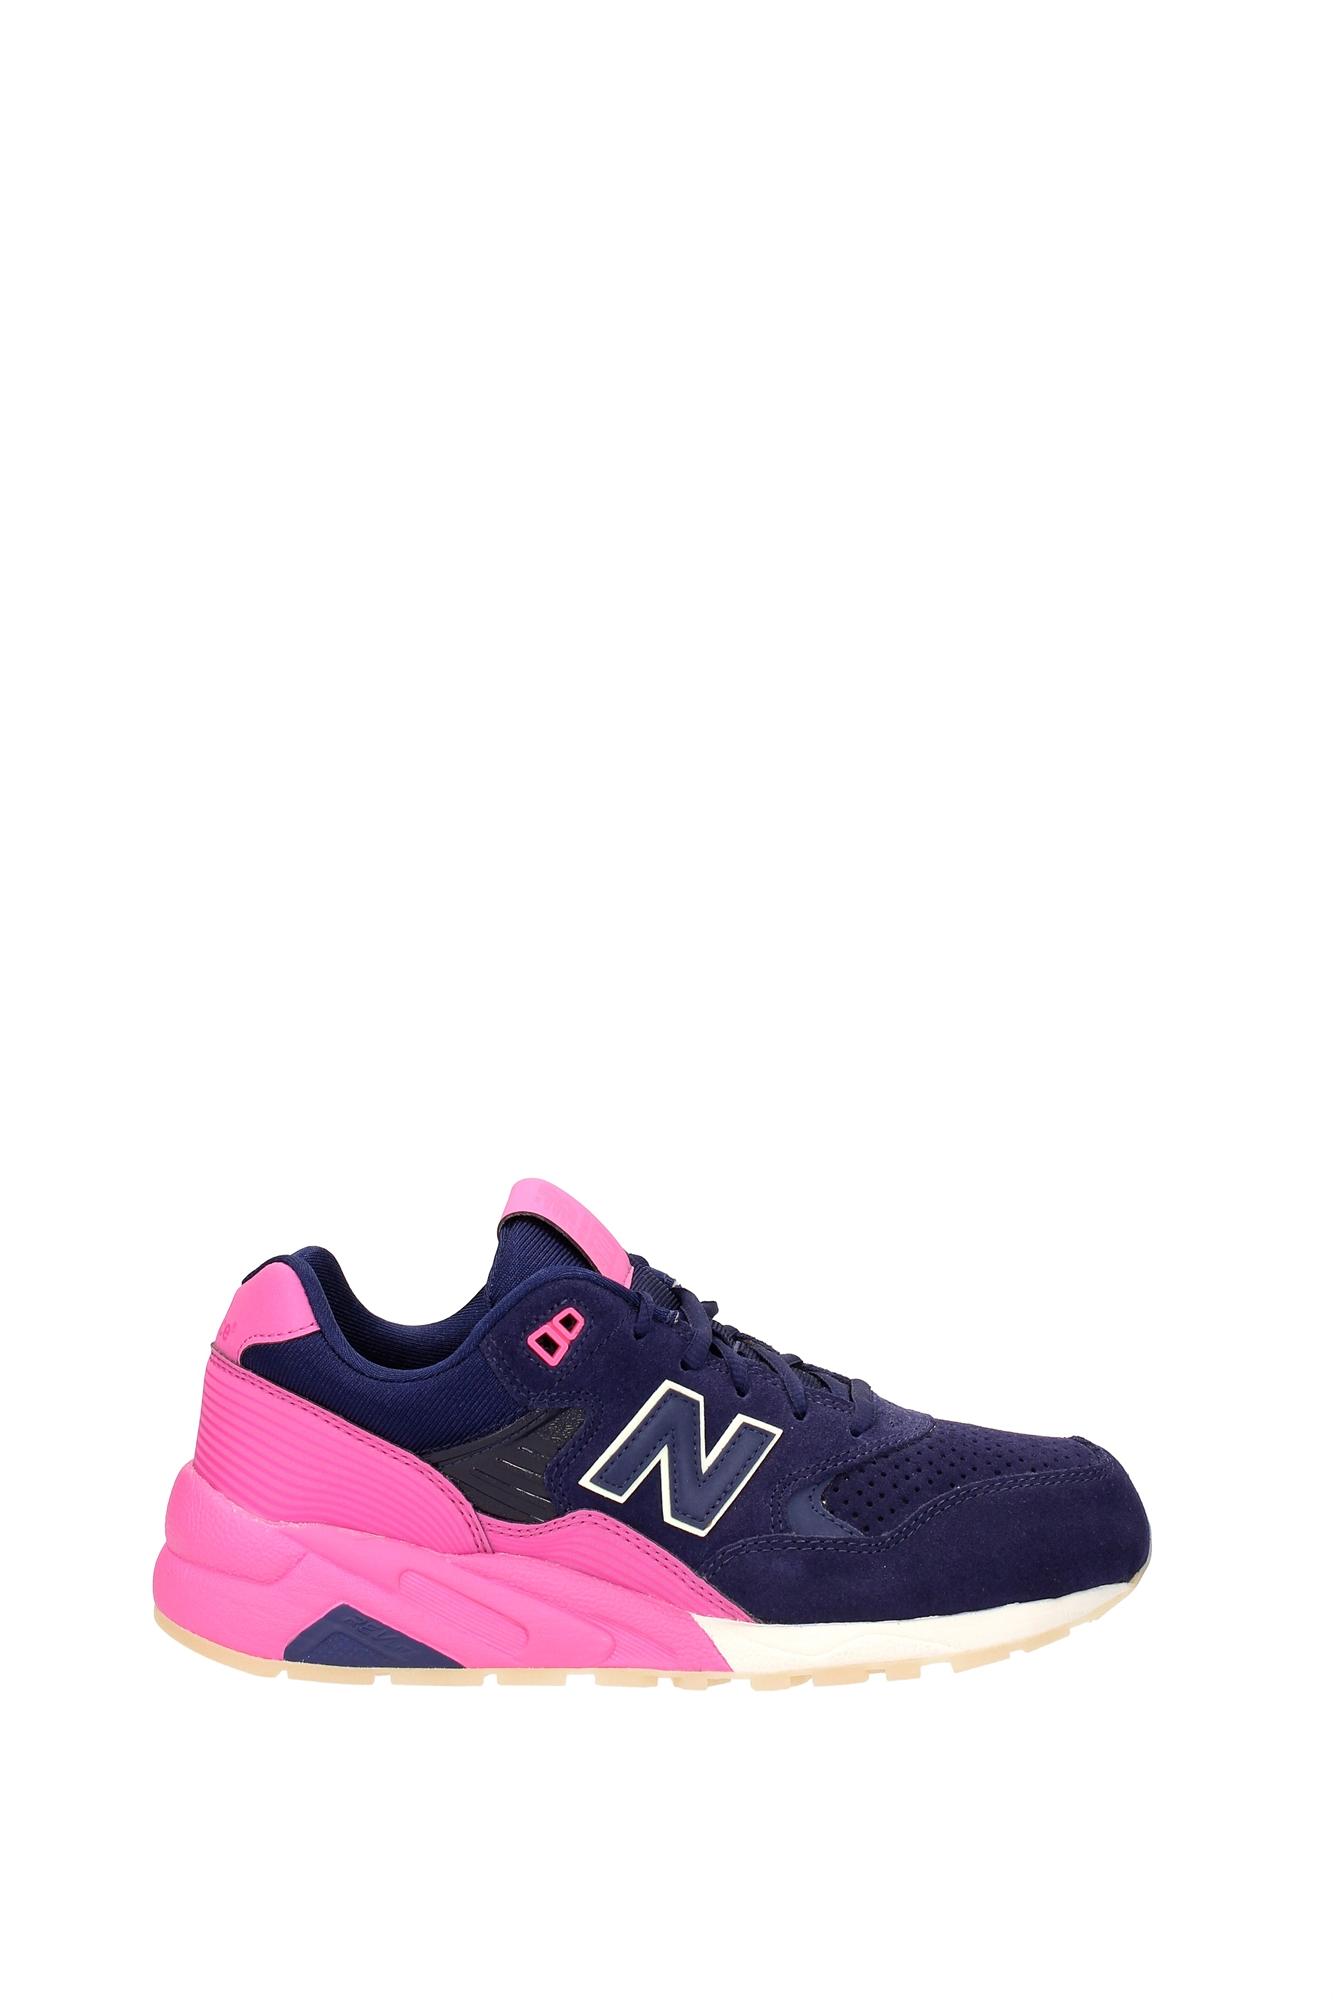 Sneakers New (MRT580UP) Balance Herren - Wildleder (MRT580UP) New 091766